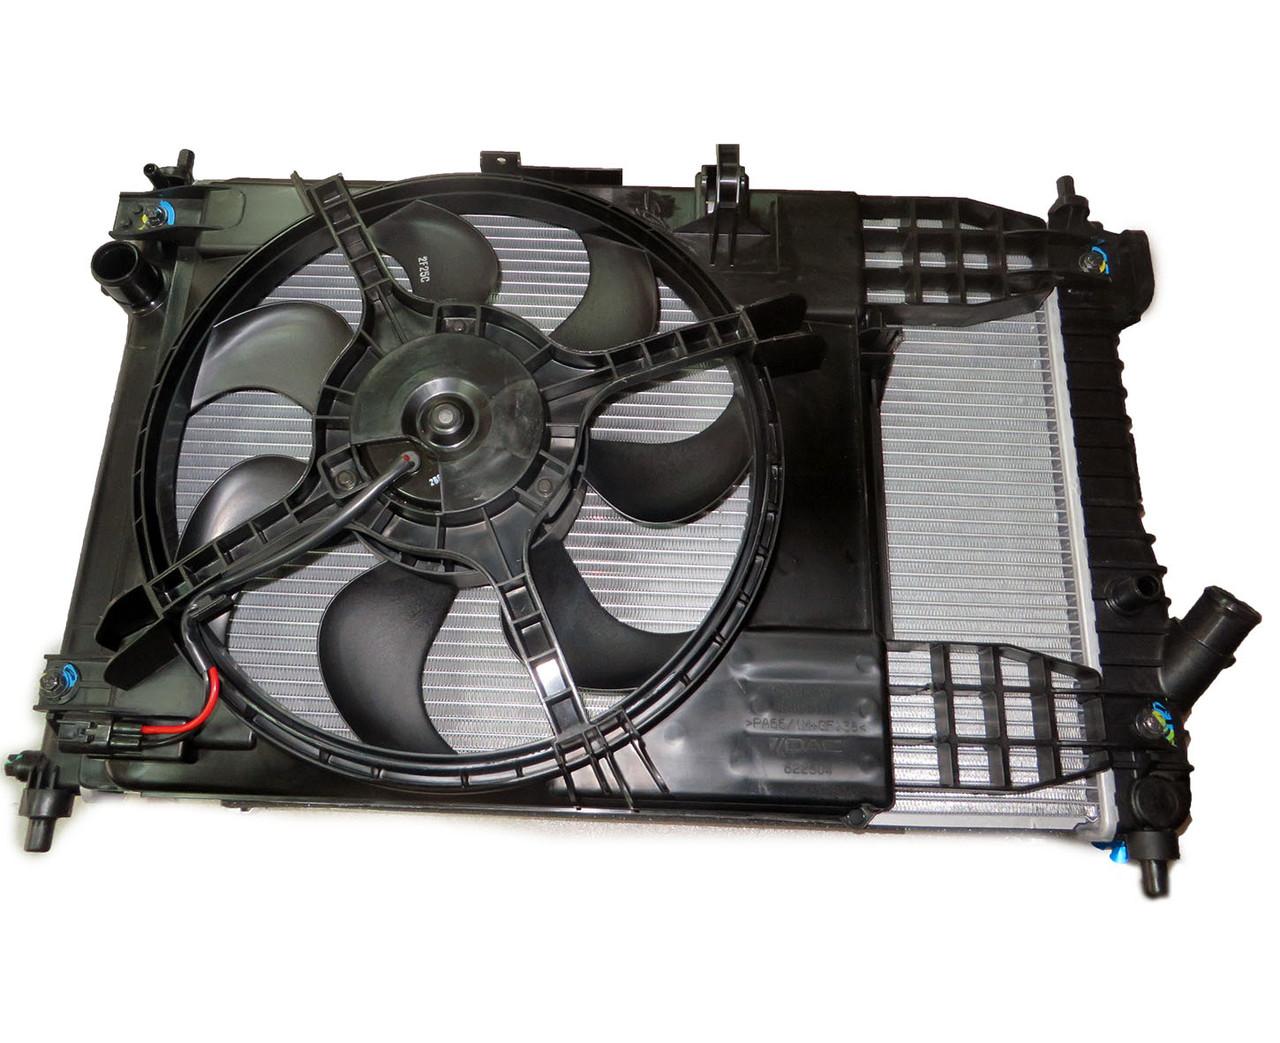 Радіатор основний, Радіатор кондиціонера, вентилятор в зборі Авео Т255 МКПП, 95227739